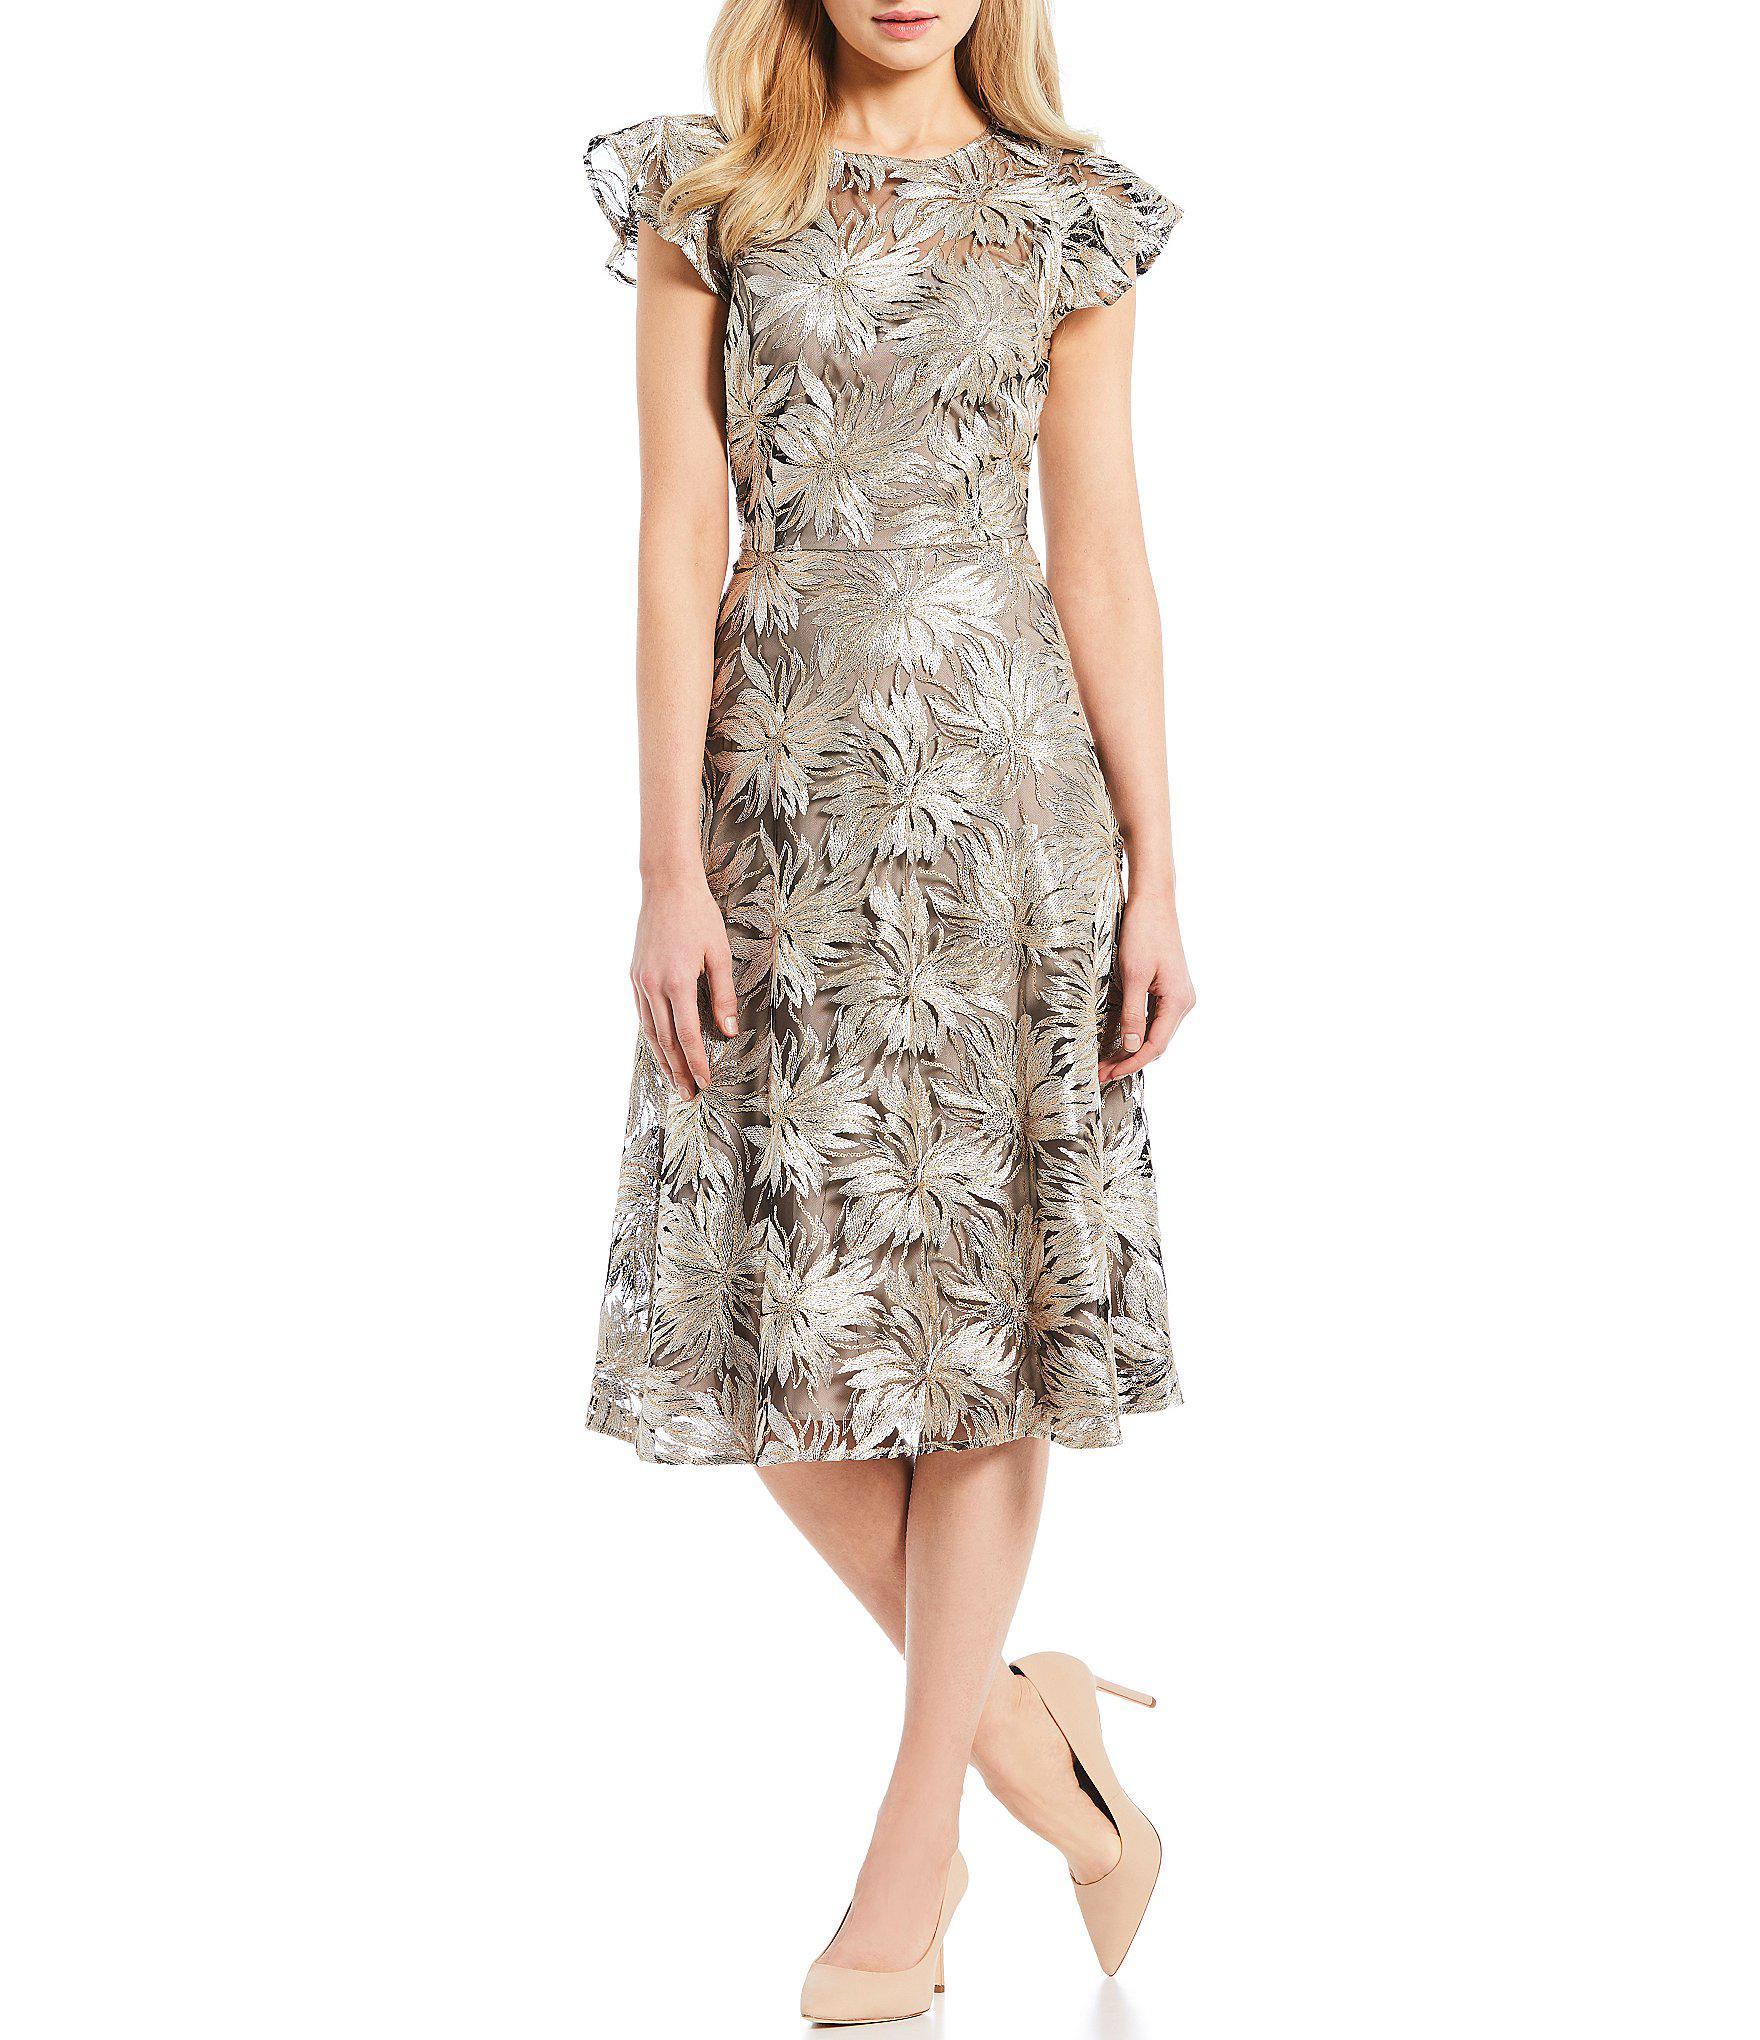 8d030731c6f Antonio Melani Ella Metallic Sequin Midi Dress in Metallic - Lyst